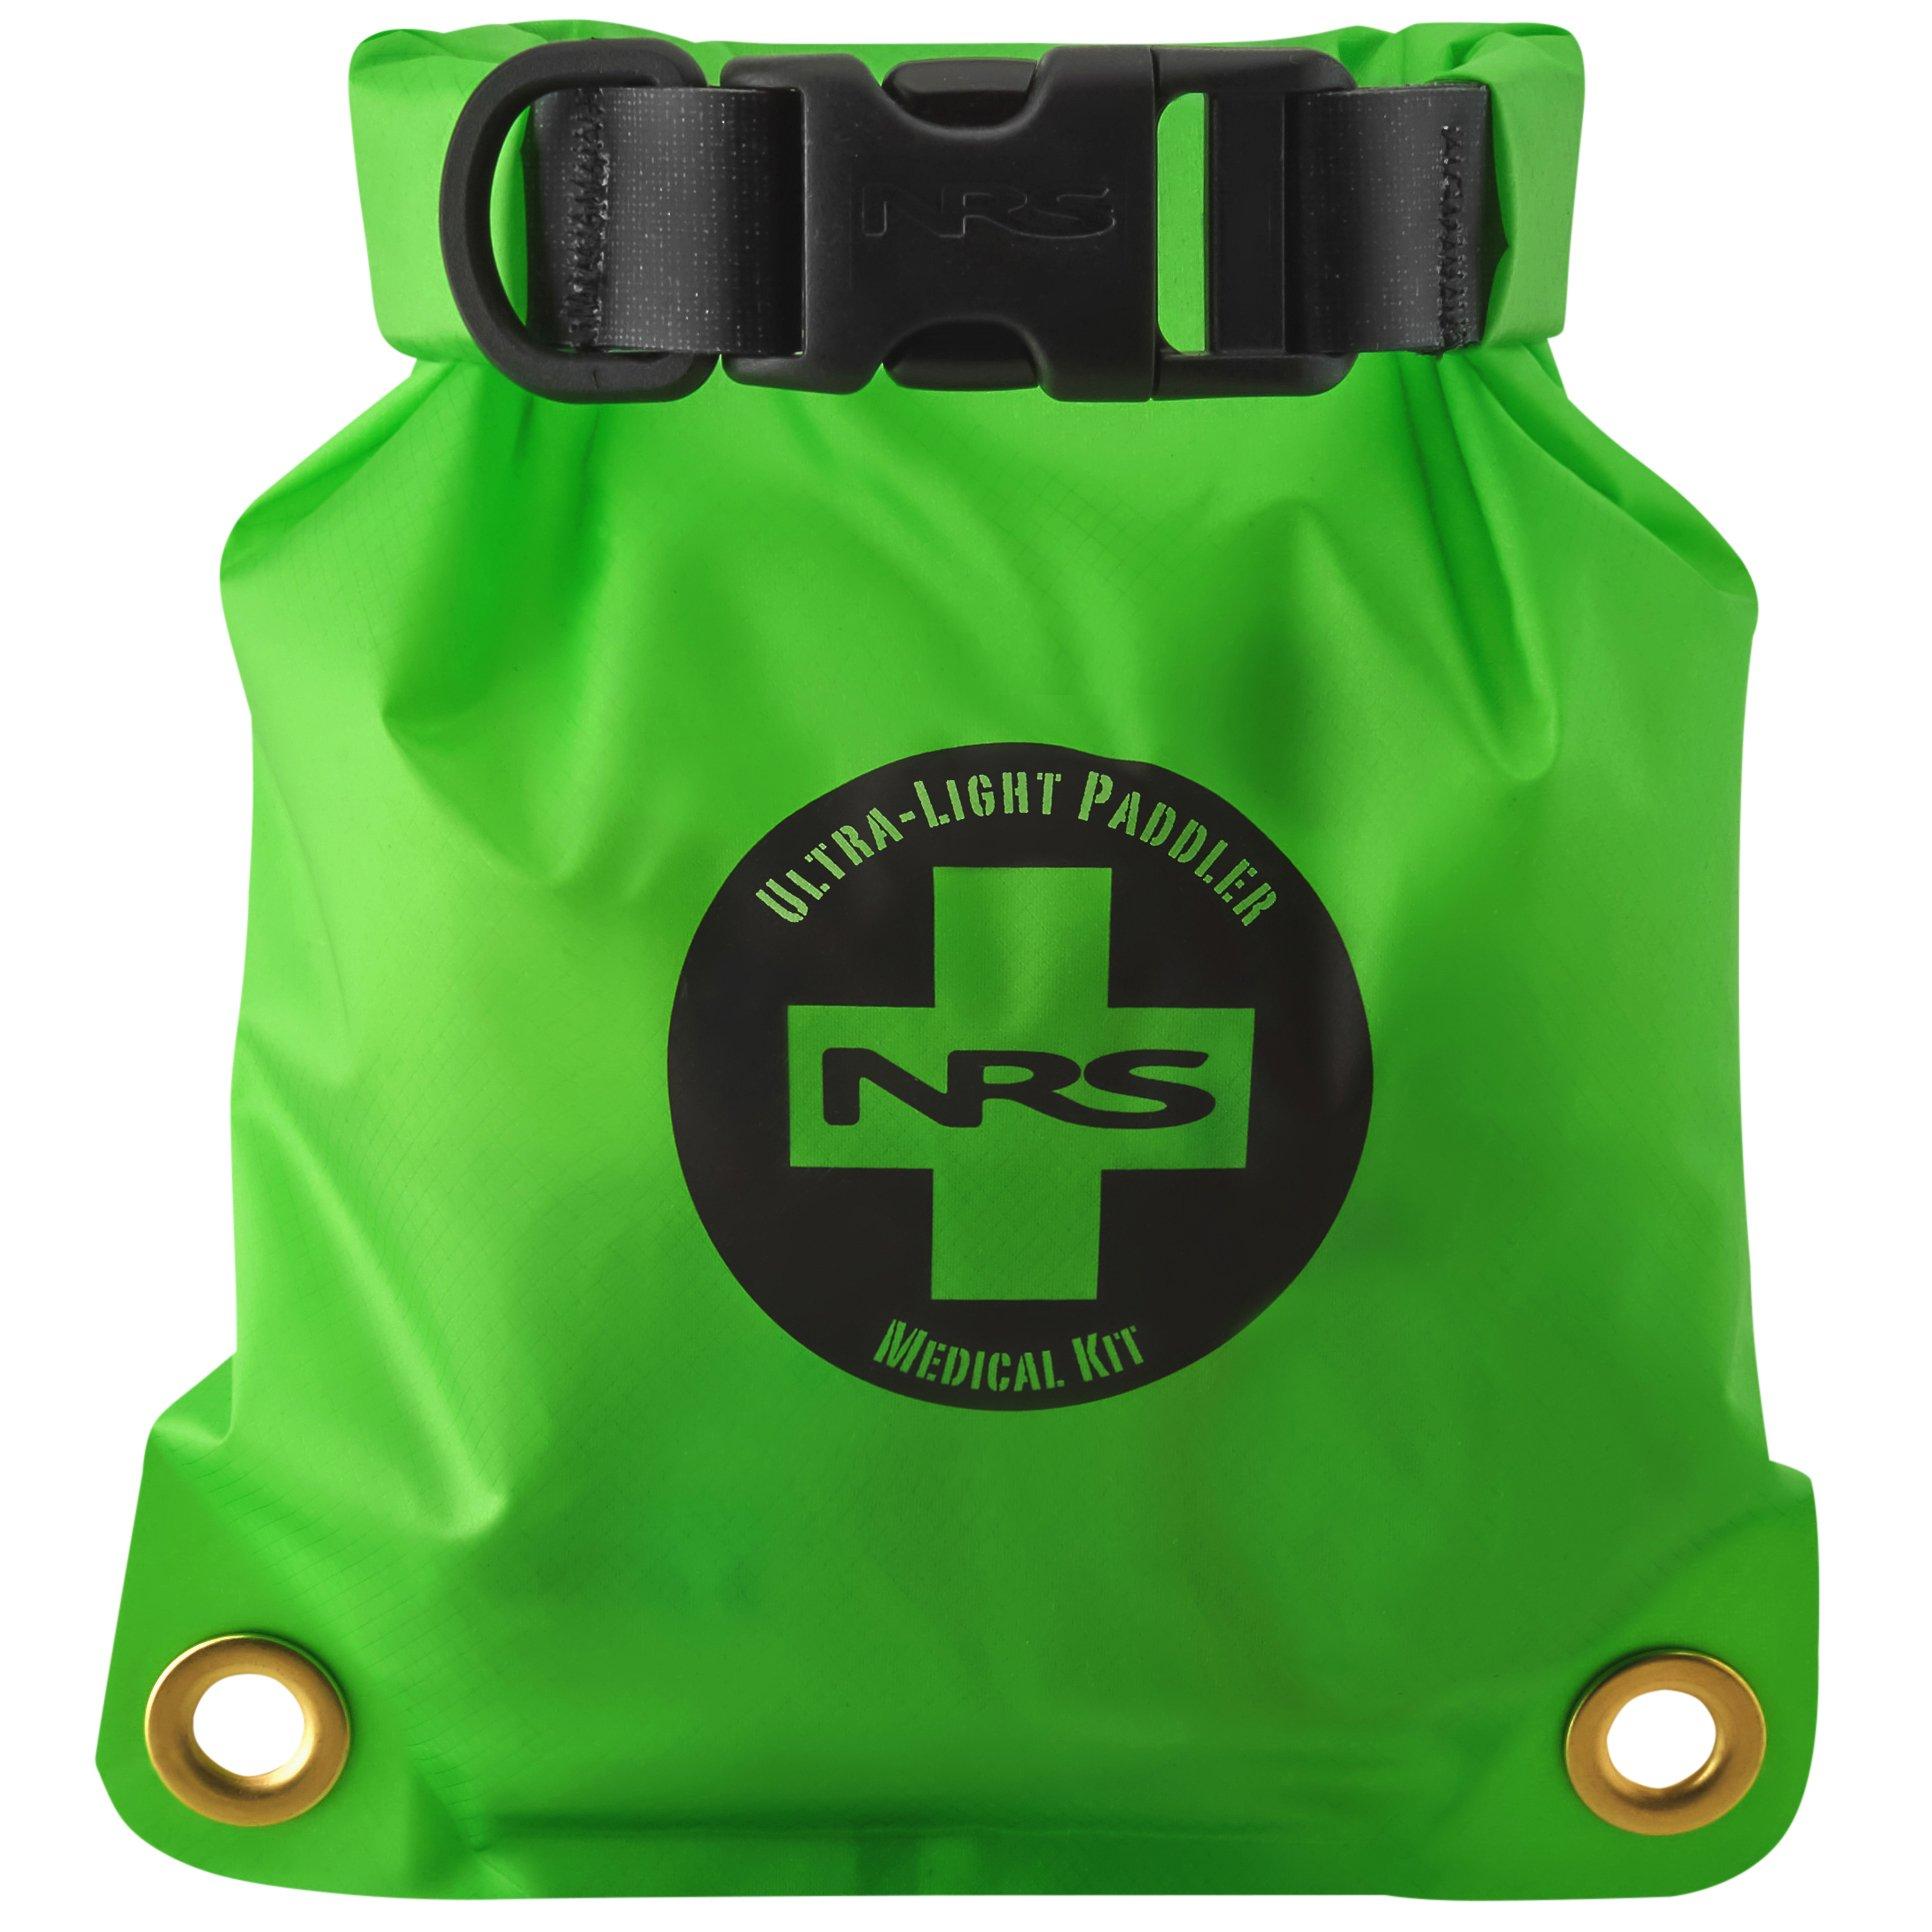 NRS Ultra Light Paddler Medical Kit by NRS